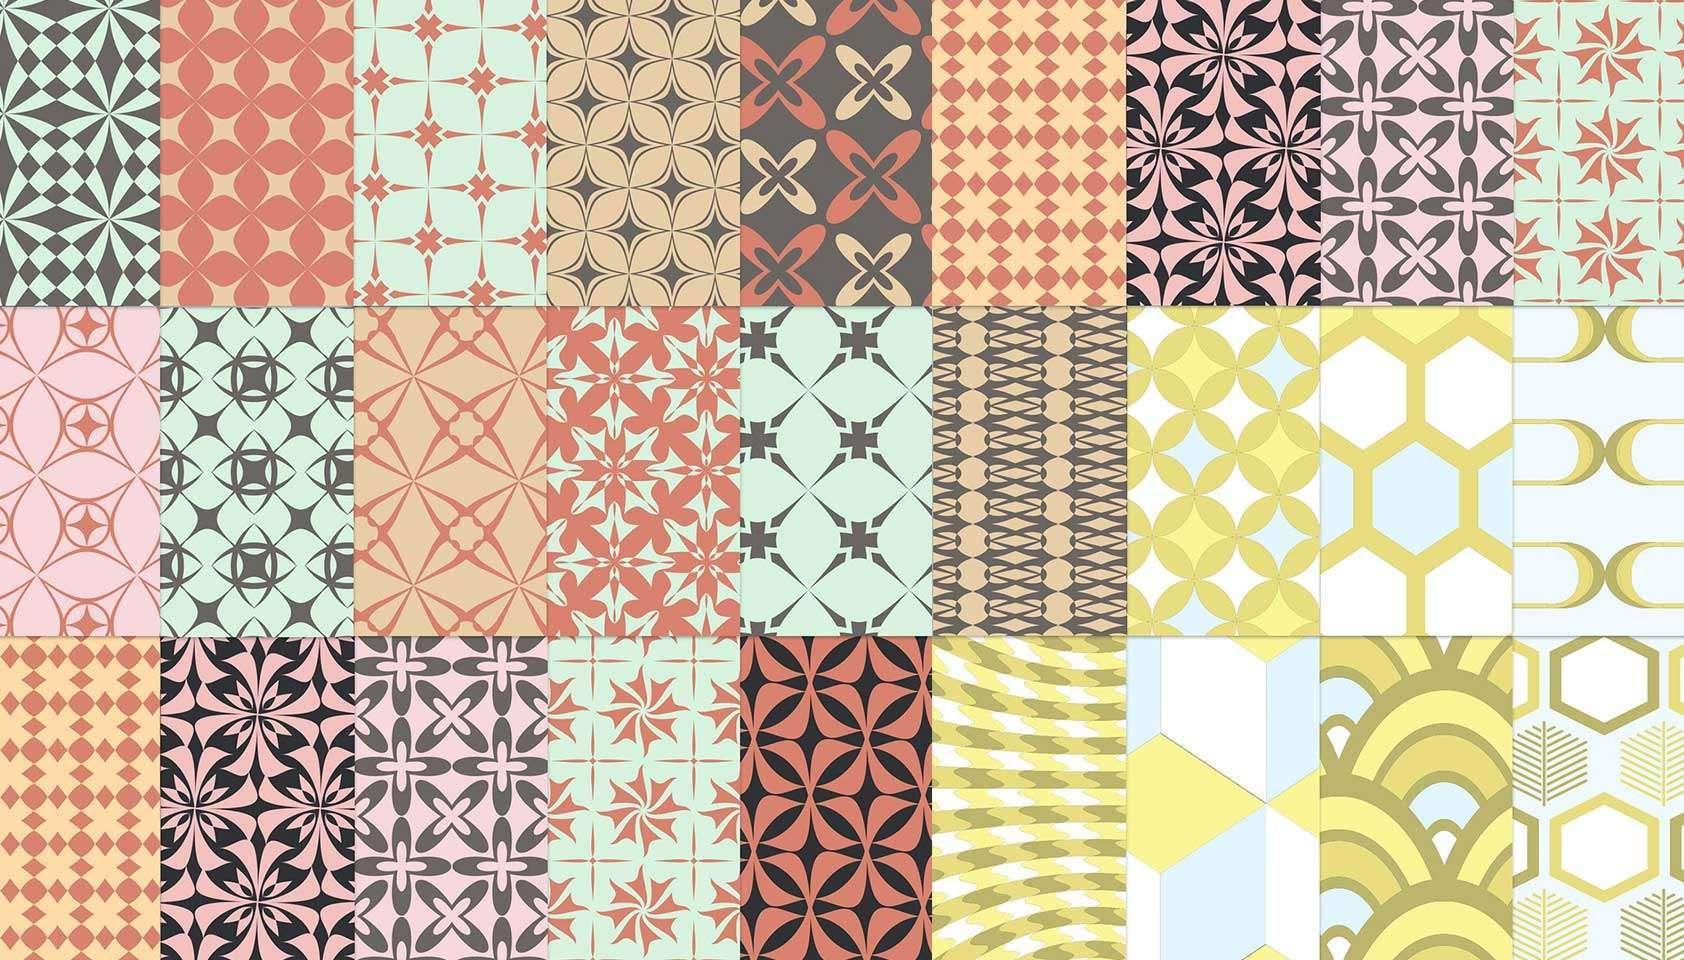 Free download: 25 free retro patterns   Webdesigner Depot